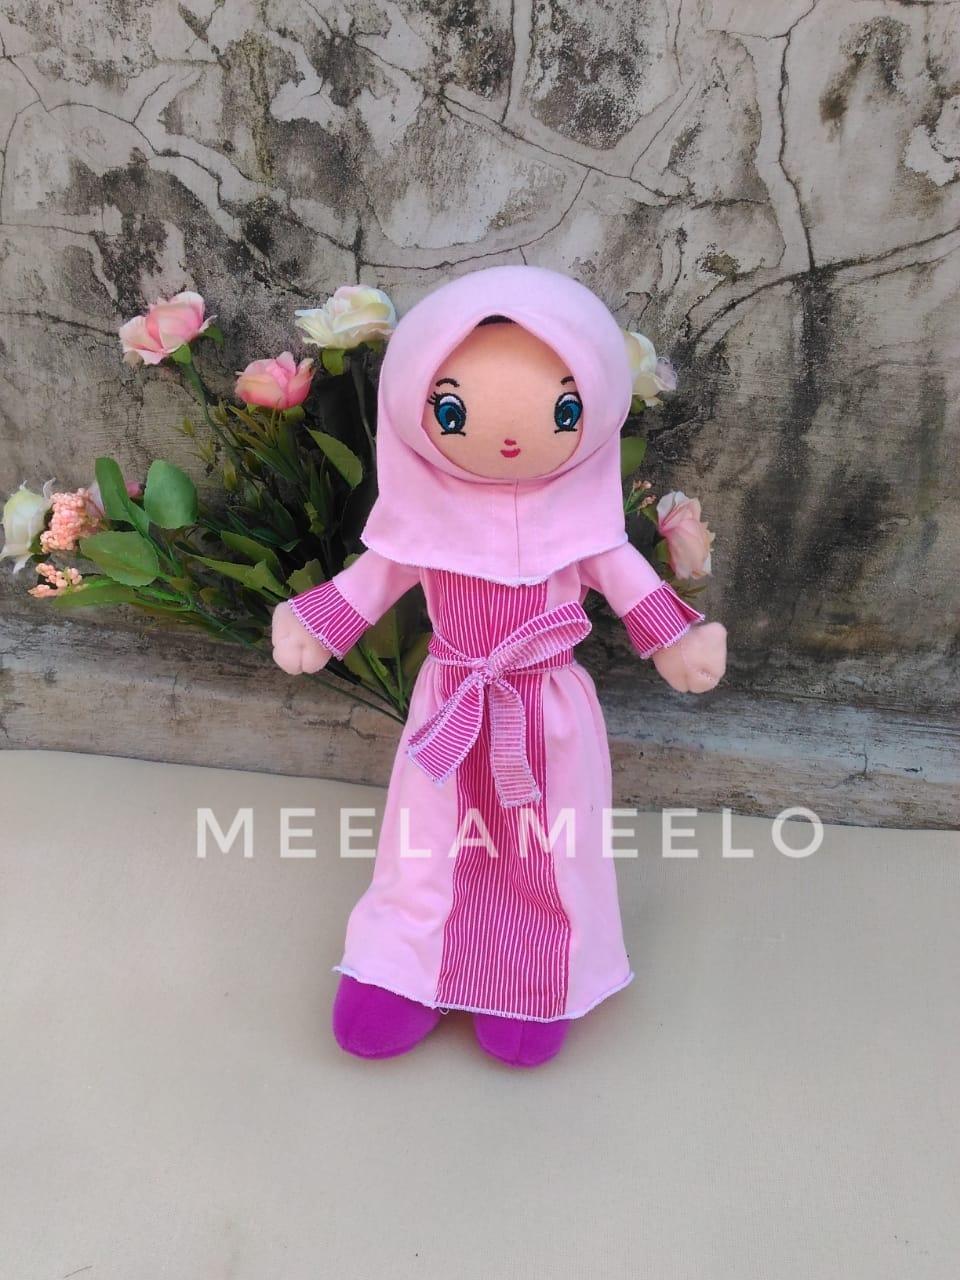 Promo Boneka Muslimah in Pink Purple 60K ONLY